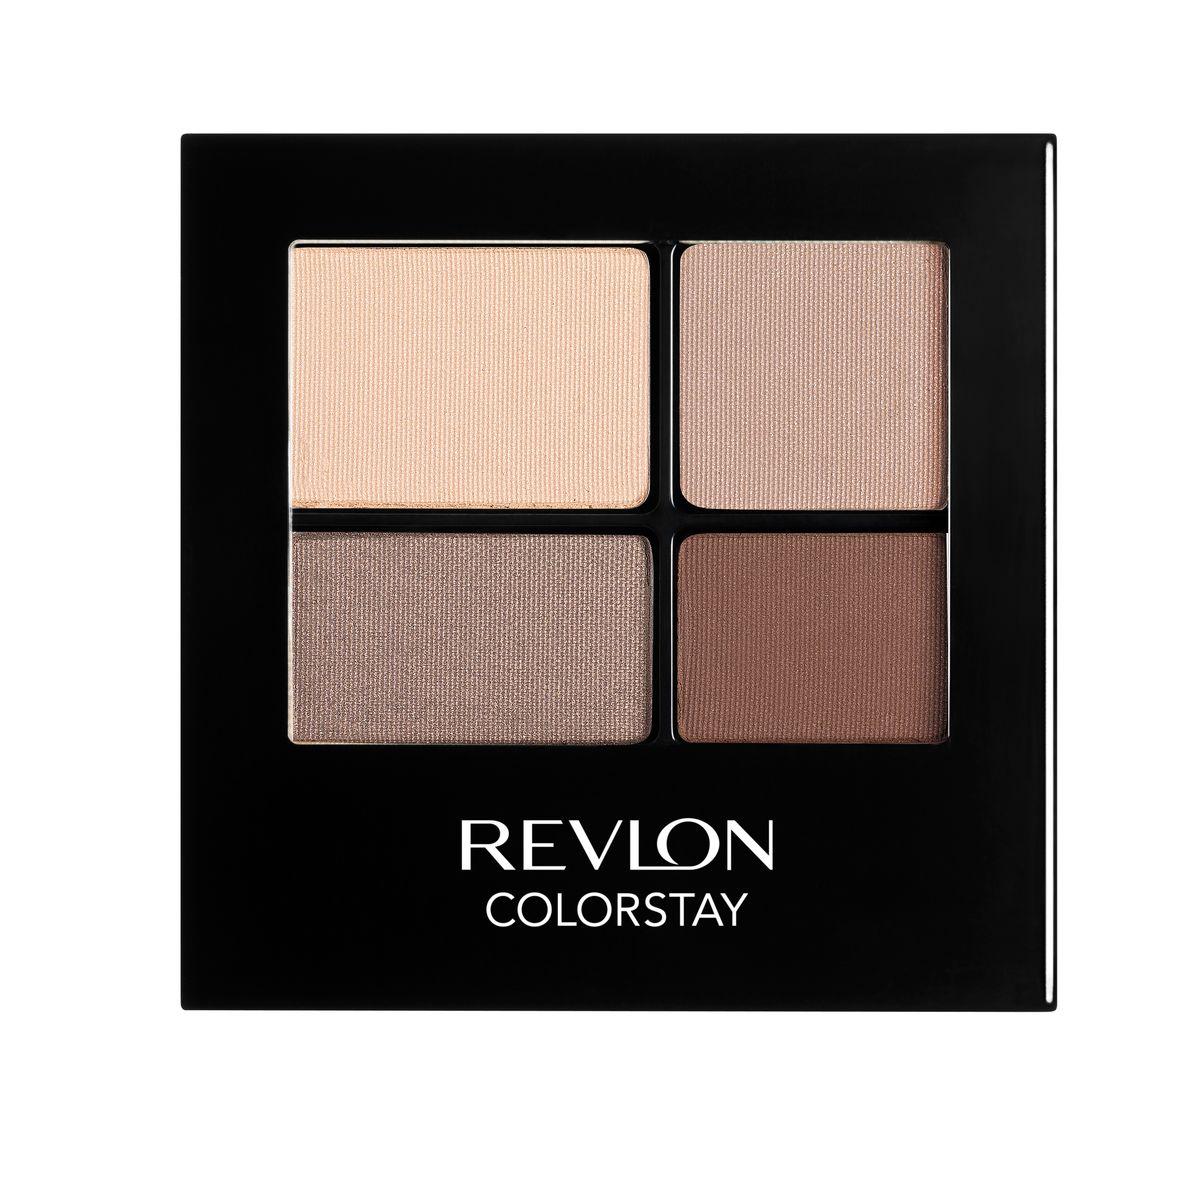 Revlon Тени для Век Четырехцветные Colorstay Eye16 Hour Eye Shadow Quad Addictive 500 42 гMFM-3101Colorstay 16 Hour Sahdow - роскошные тени для век с шелковистой текстурой и невероятно стойкой формулой. Теперь ваш макияж сохранит свой безупречный вид не менее 16 часов! Все оттенки гармонично сочетаются друг с другом и легко смешиваются, позволяя создать бесконечное количество вариантов макияжа глаз: от нежных, естественных, едва заметных, до ярких, выразительных, драматических. На оборотной стороне продукта приведена схема нанесения.Аккуратно нанести на веки специальной кисточкой.